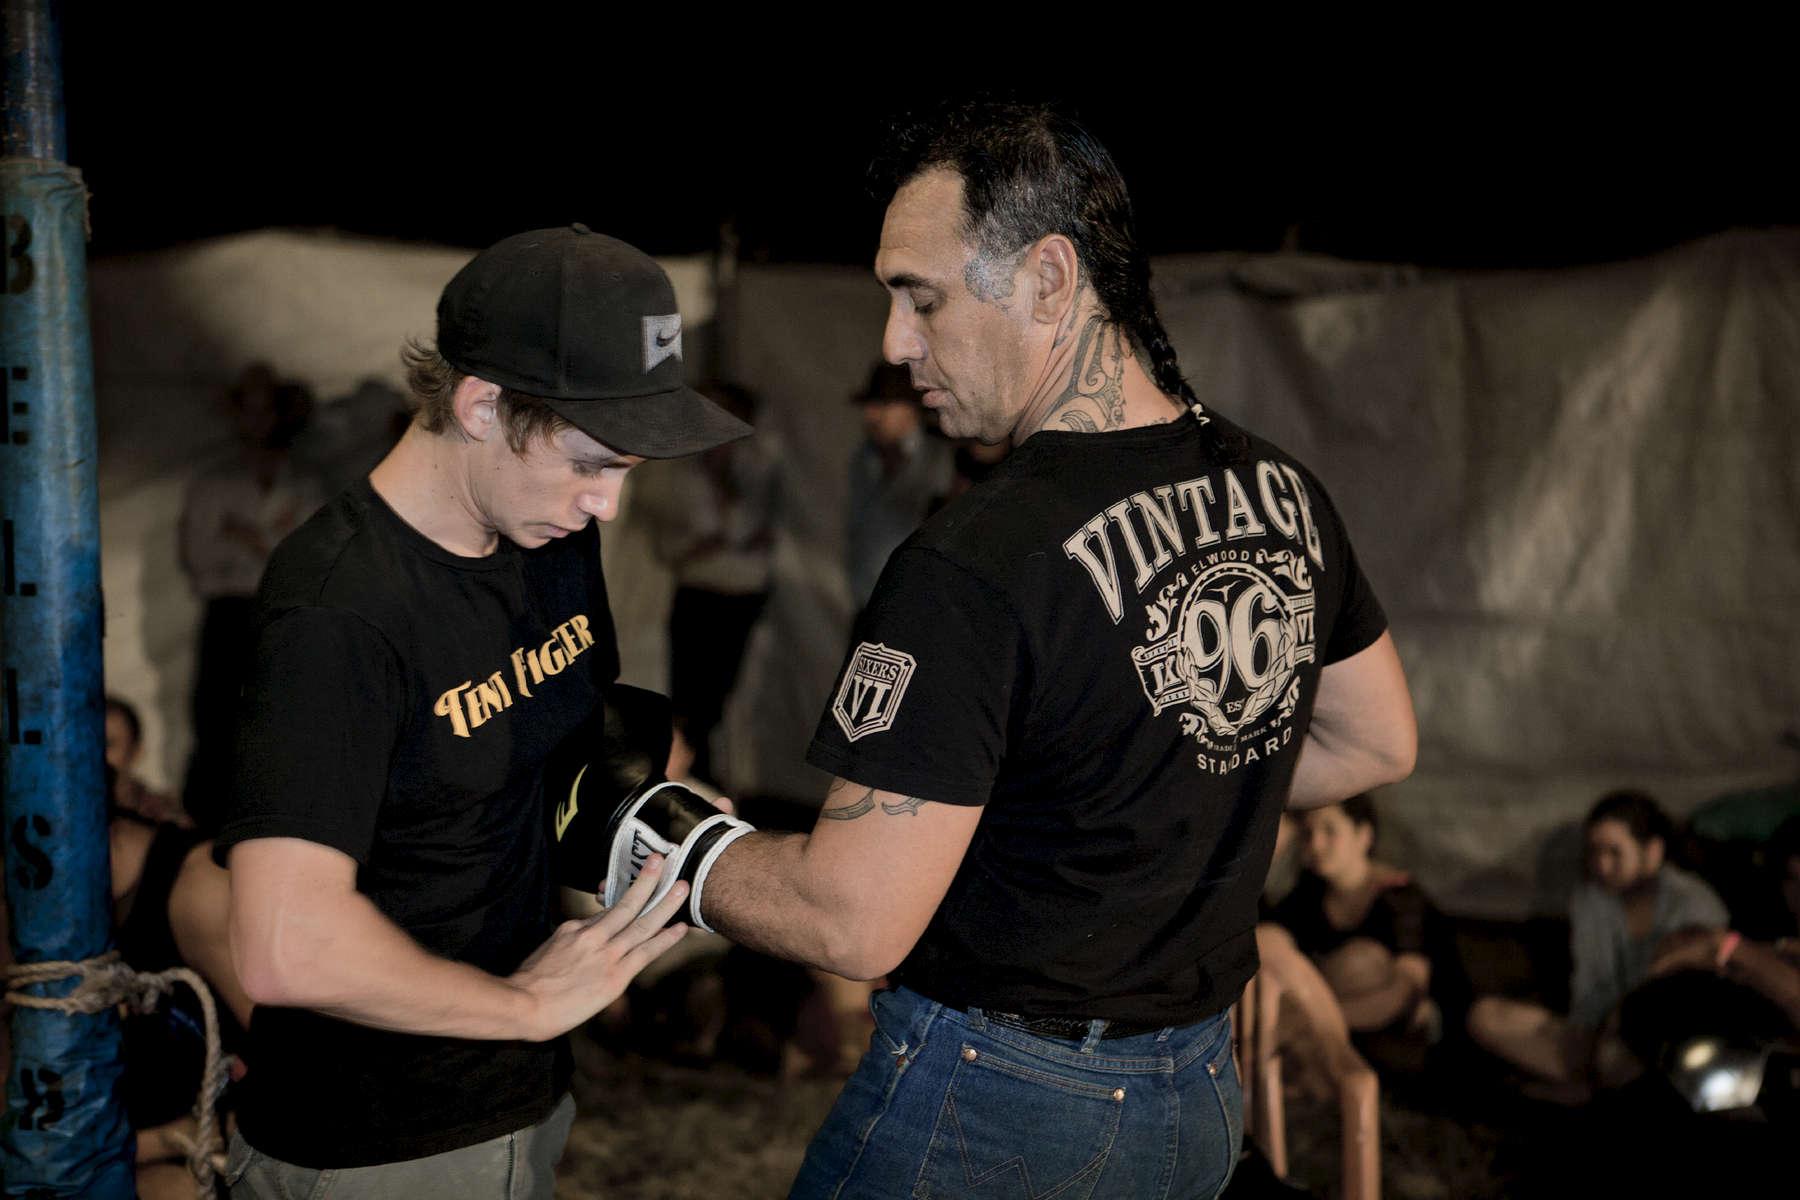 De temps en temps, Michael monte sur le ring. La foule apprécie toujours ce spectacle. Il a la réputation d'avoir été un très bon boxeur du temps où il pratiquait. Ici, son fils Marshall l'aide à mettre les gants. Katherine, TN, Australie, Juillet 2013.